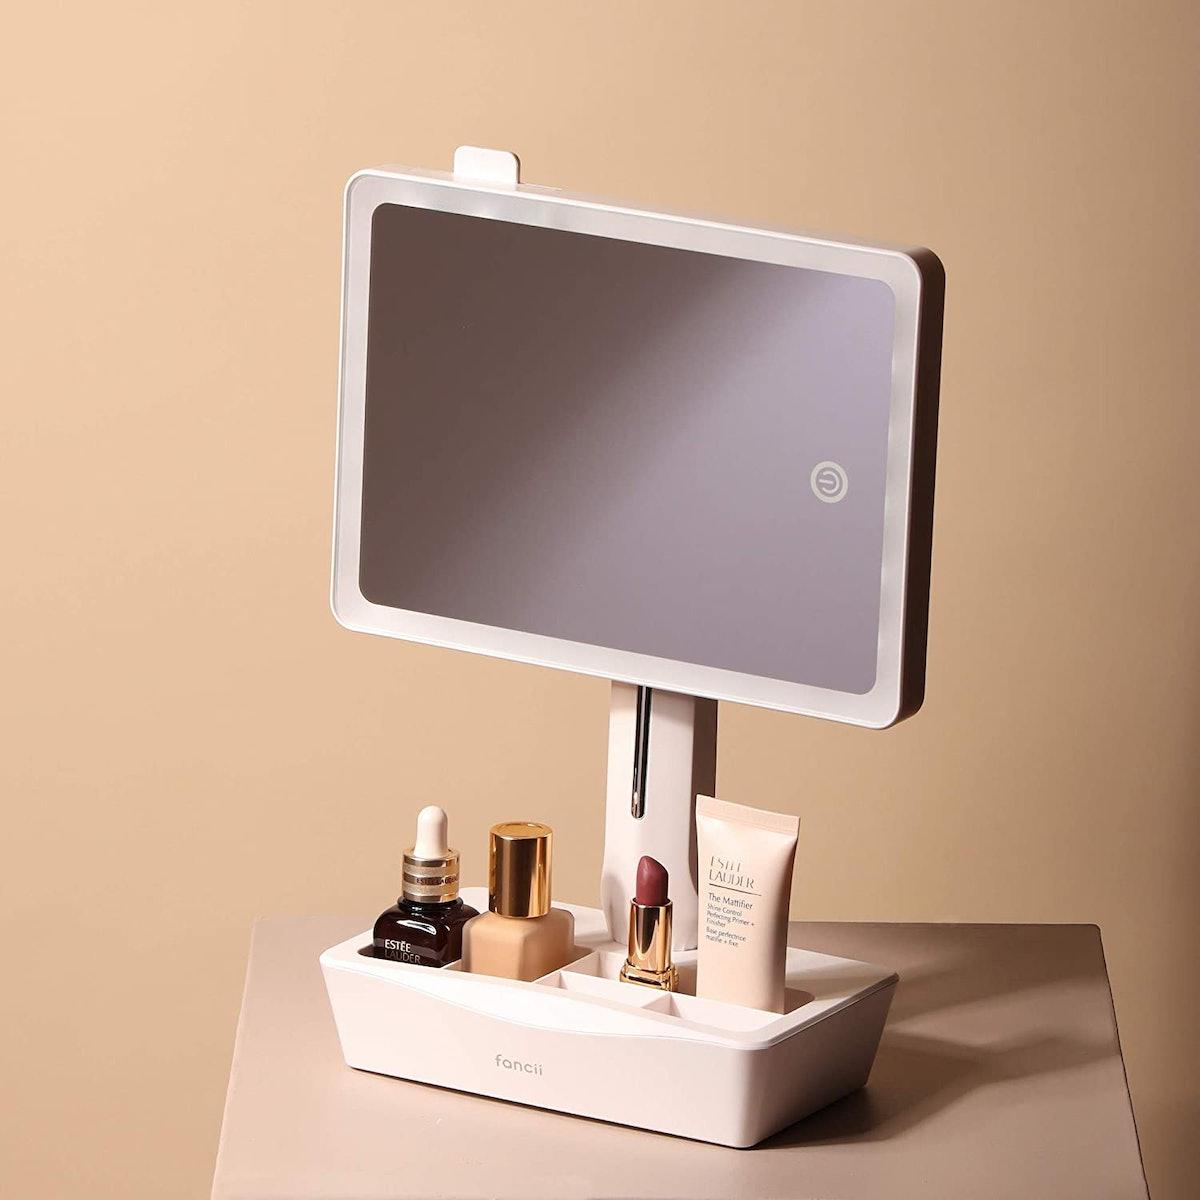 Fancii LED Lighted Makeup Vanity